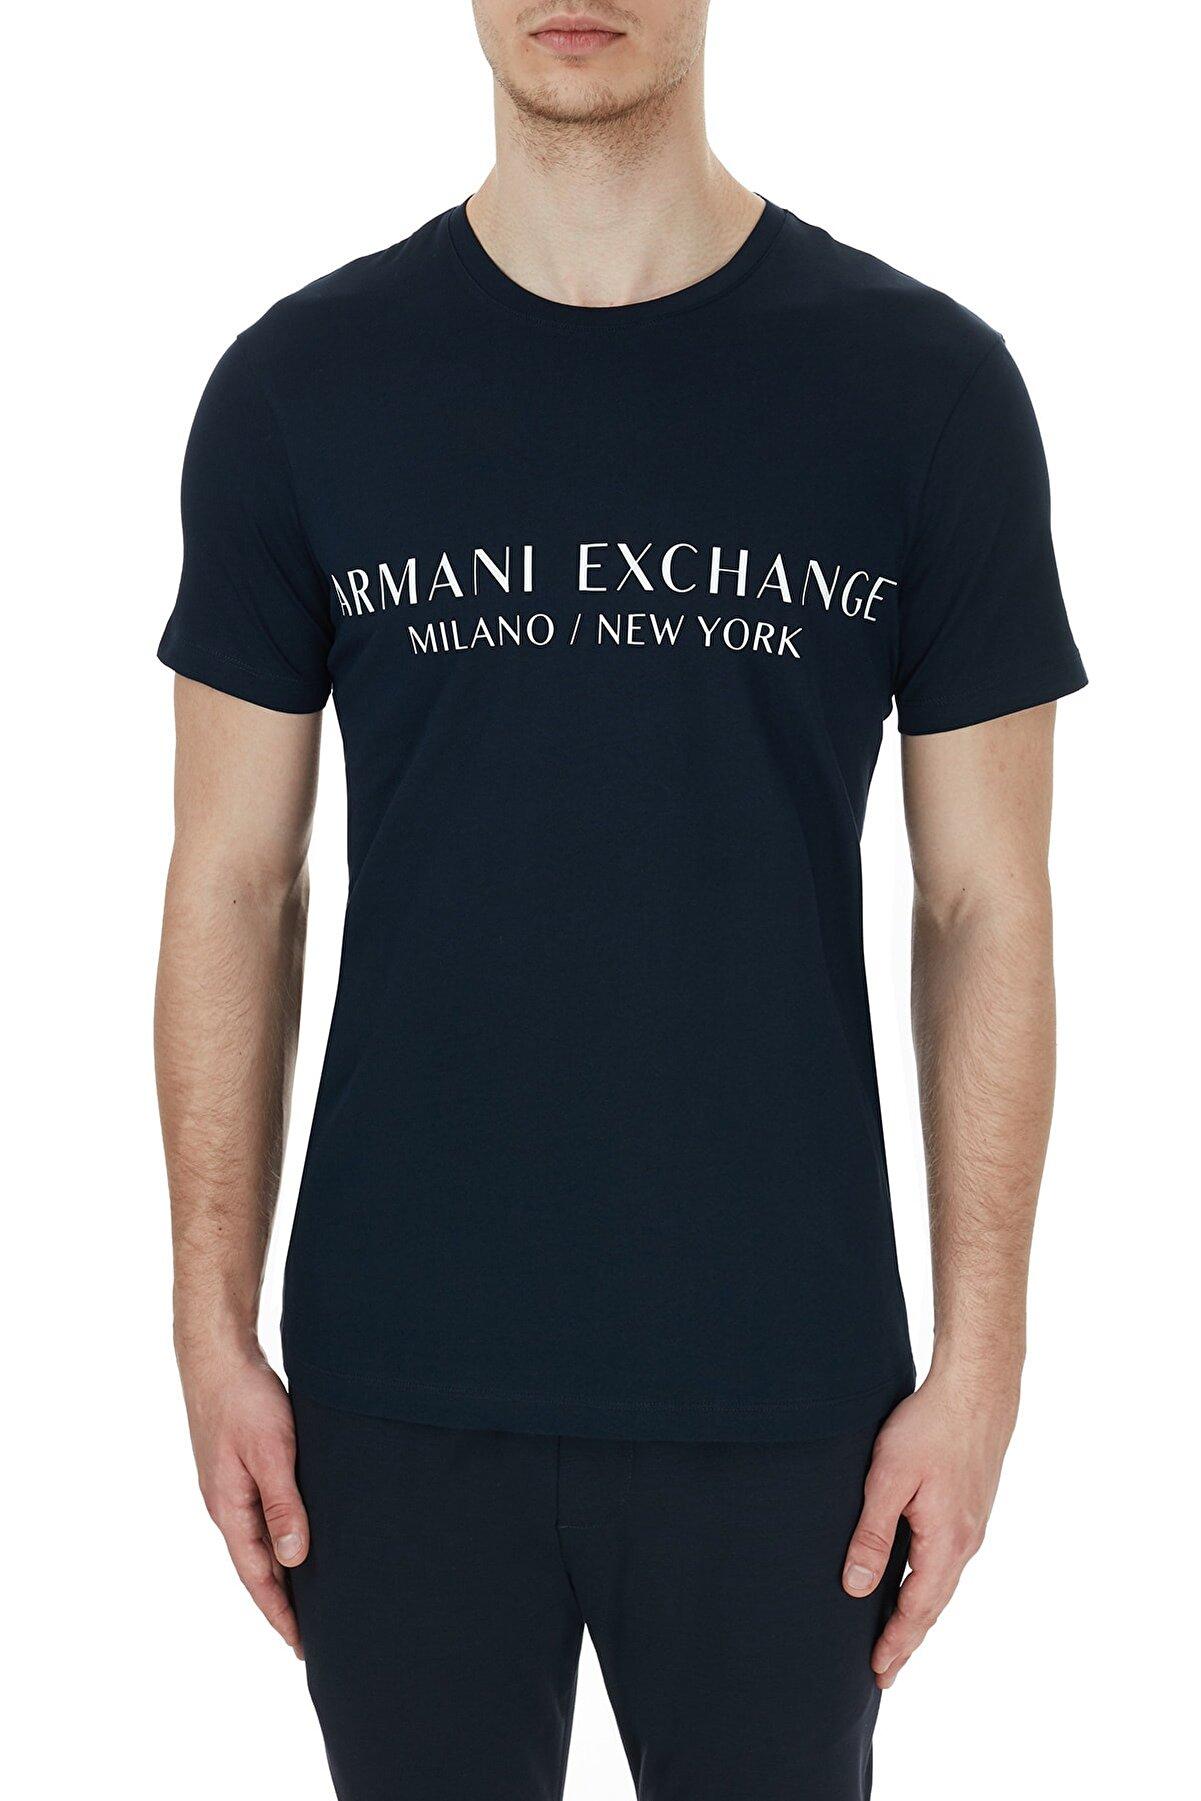 Armani Exchange Erkek Pamuklu Baskılı Bisiklet Yaka T Shirt